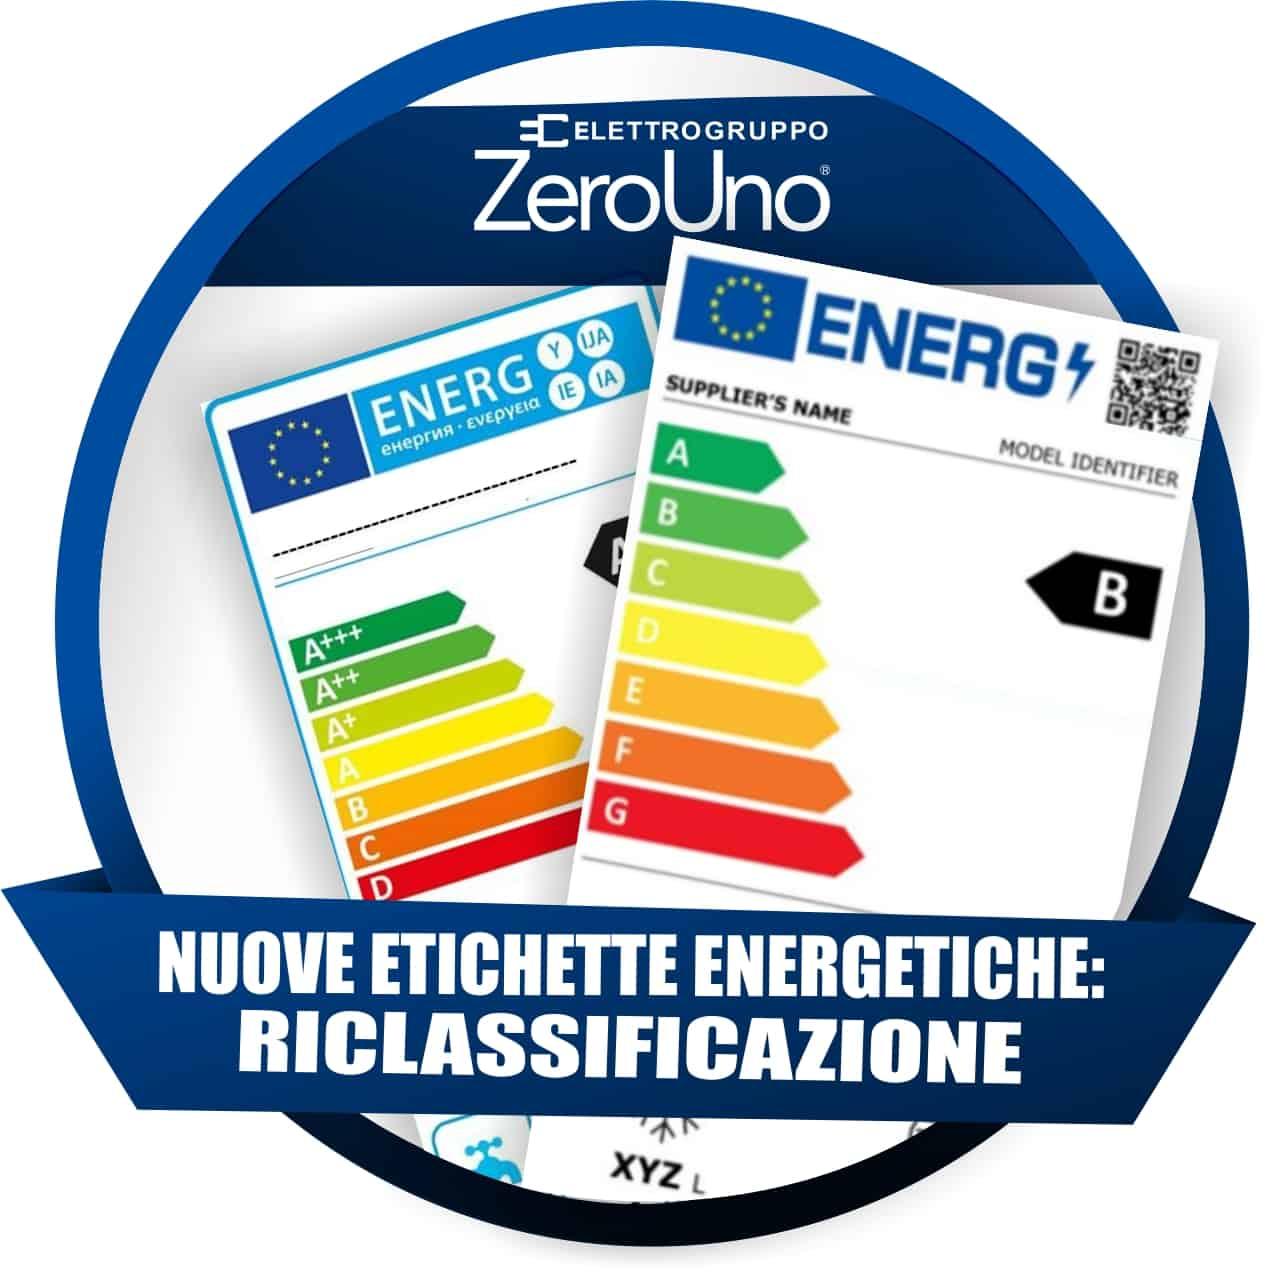 Nuove Etichette Energetiche: Riclassificazione    ZeroUno    Beinasco    T0    RICLASSIFICAZIONE ETICHETTE ELETTRONICHE 2021